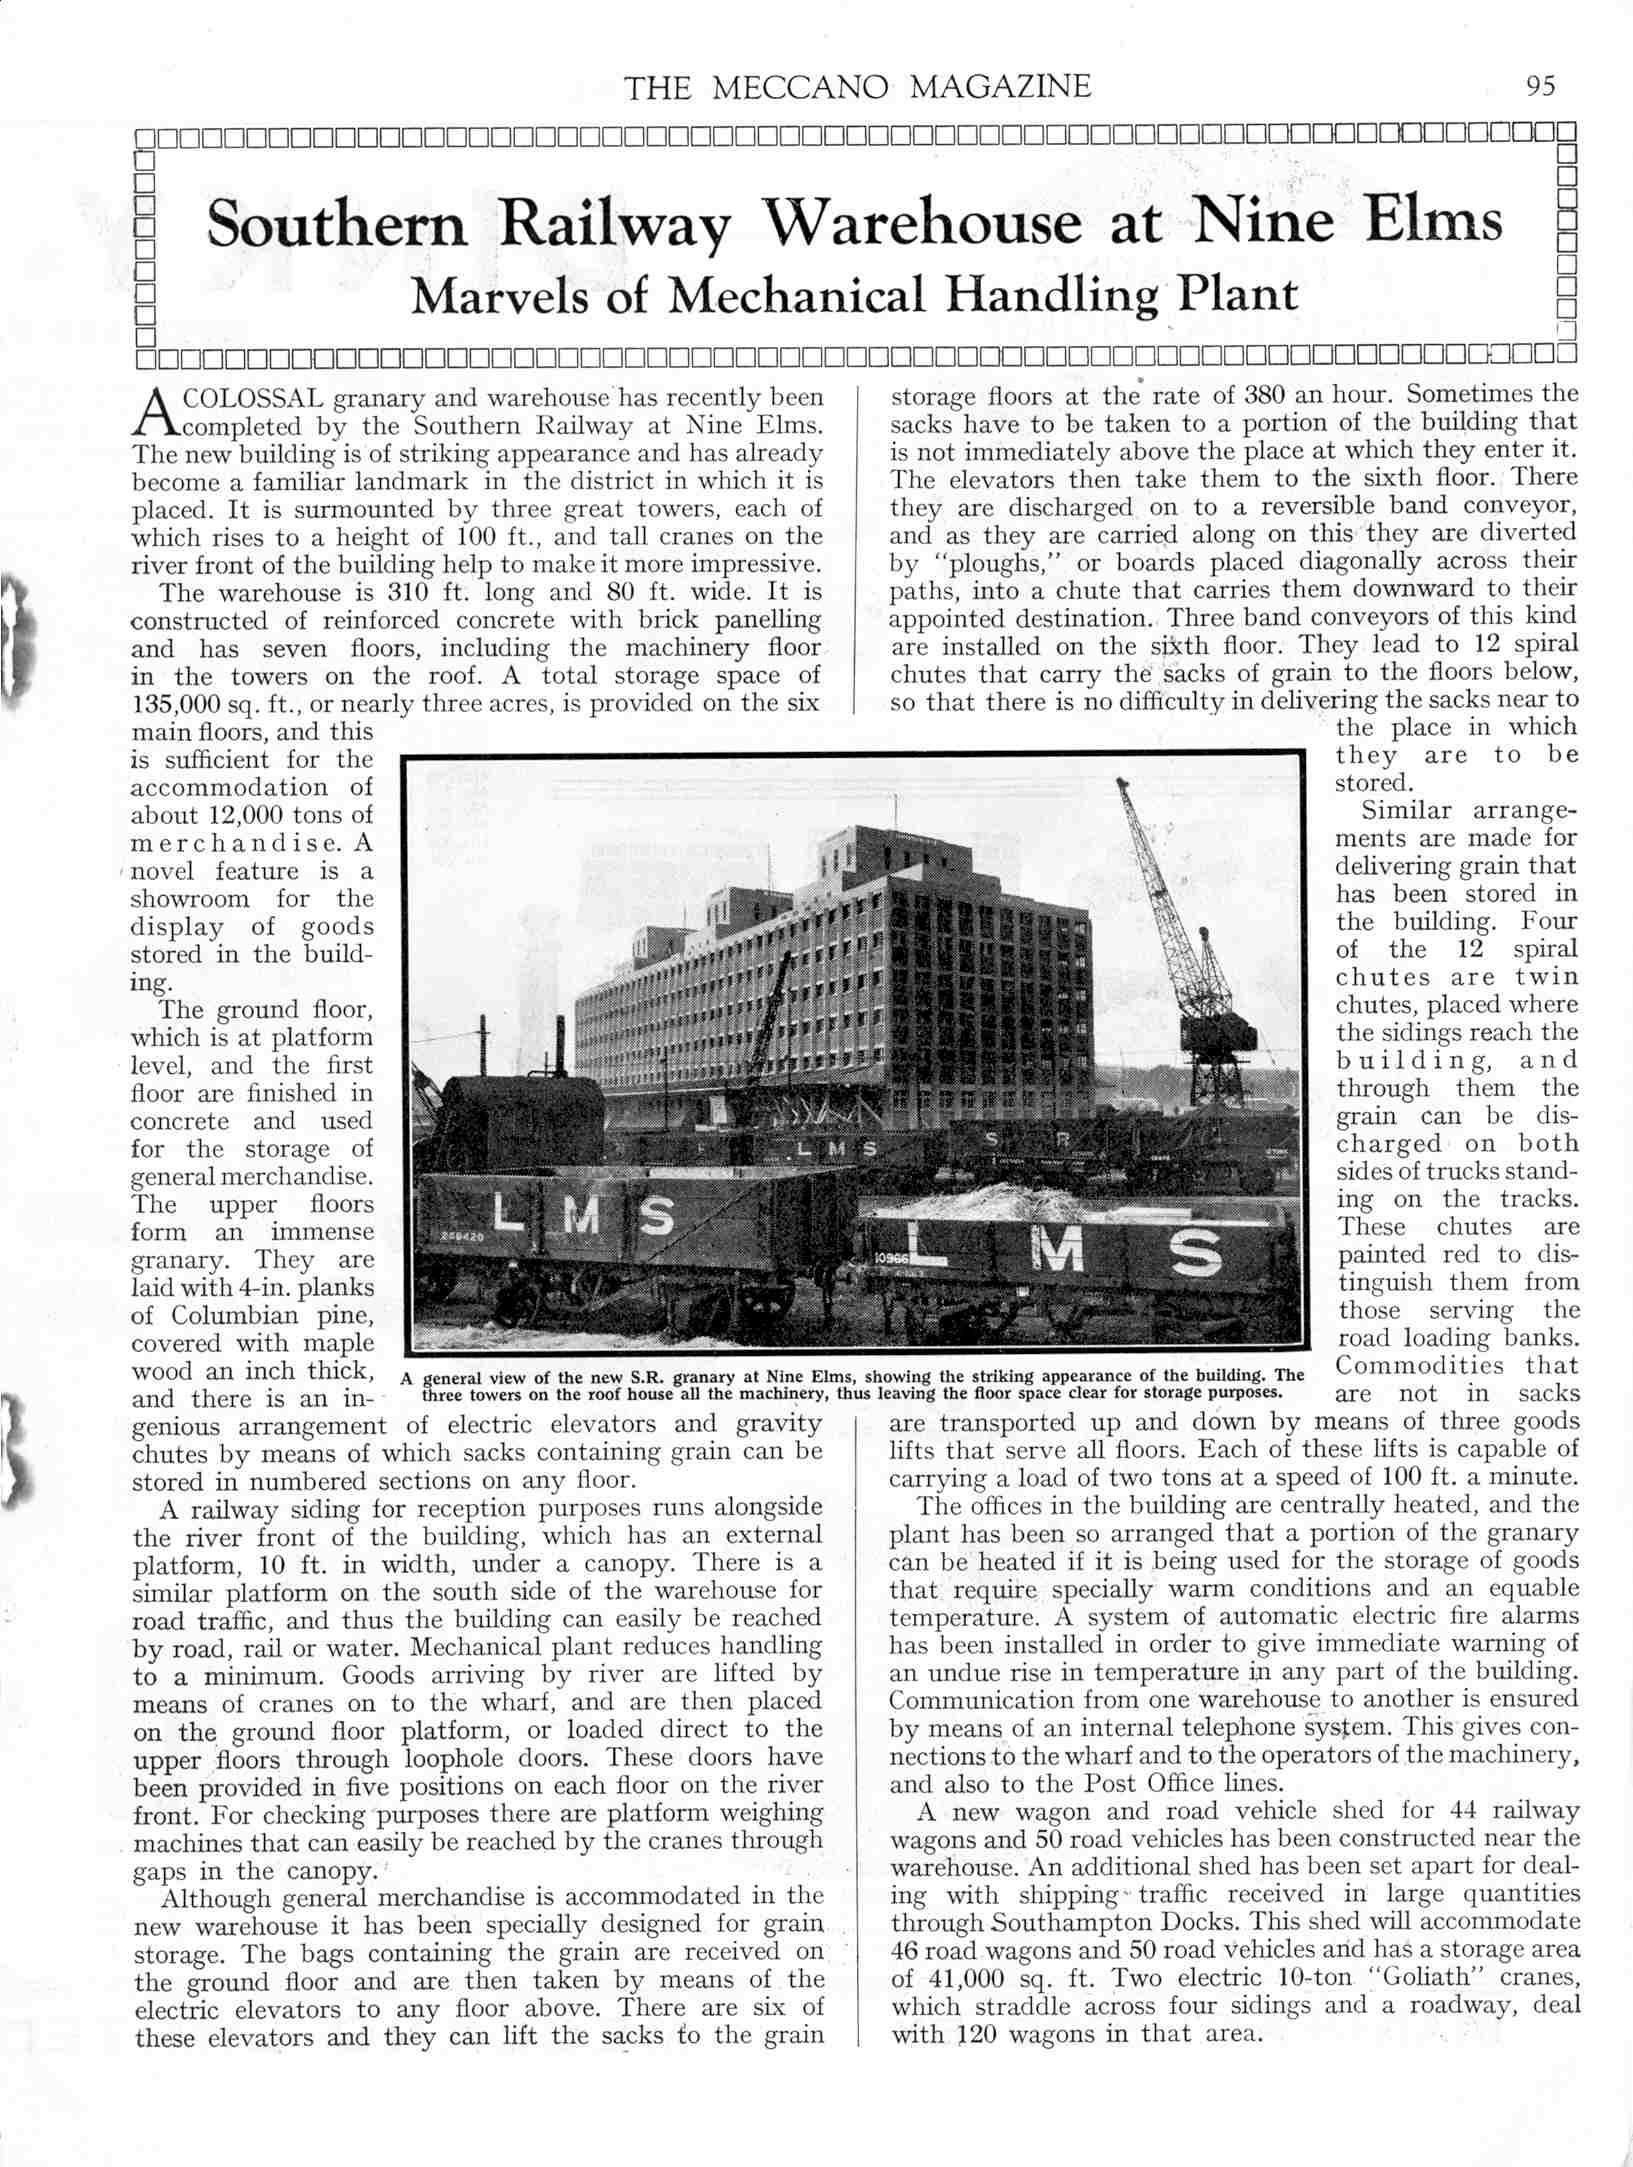 UK Meccano Magazine February 1937 Page 95